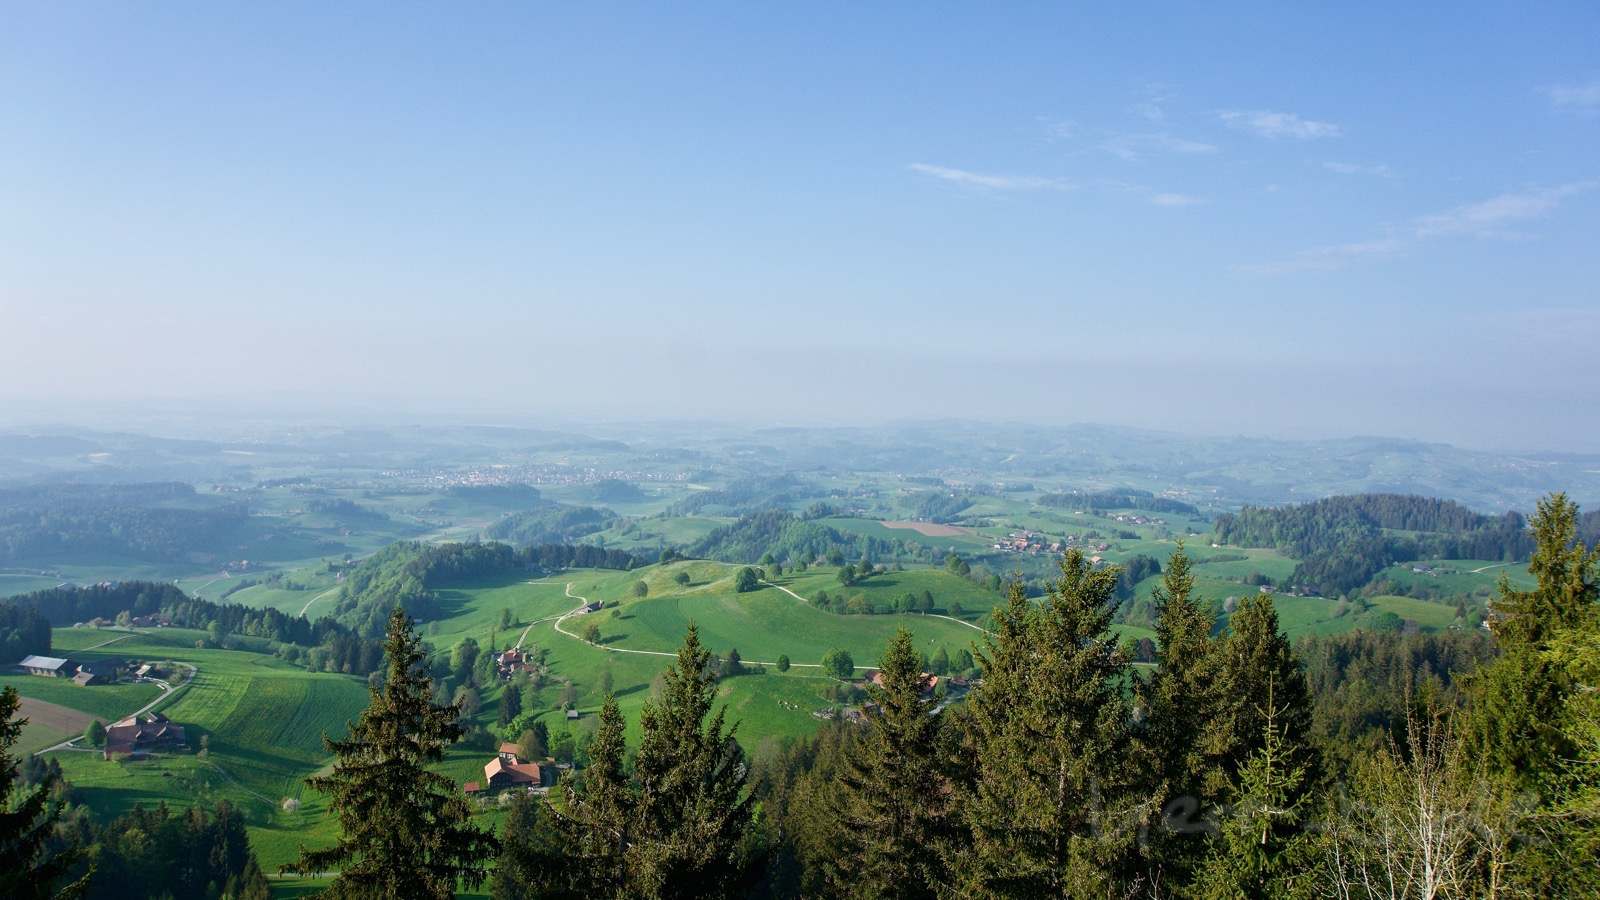 Blick zurück vom Guggishörnli Richtung Bern.